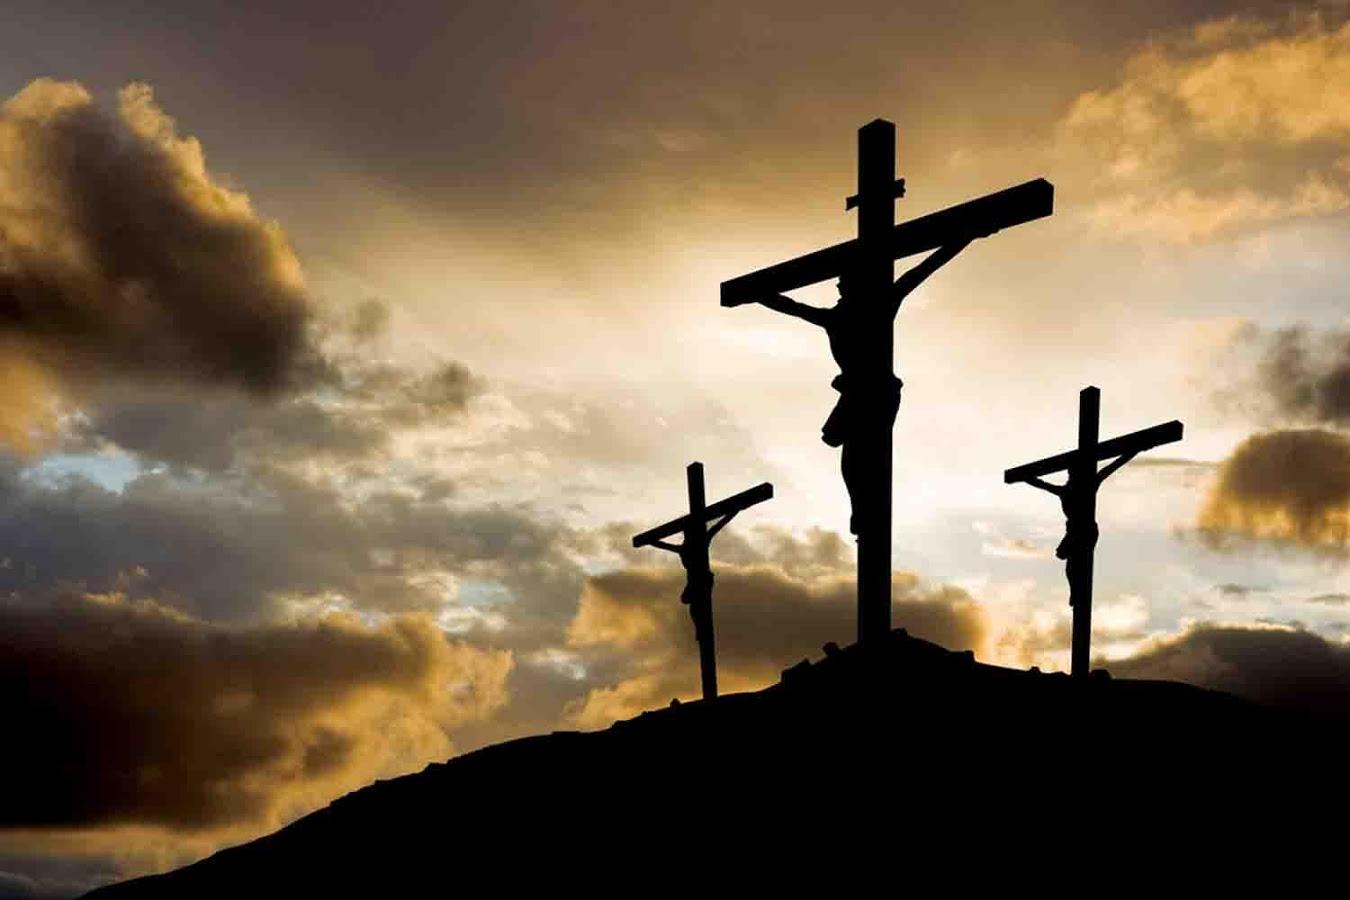 Cross Wallpaper, Amazing 46 Wallpapers of Cross, Top Cross